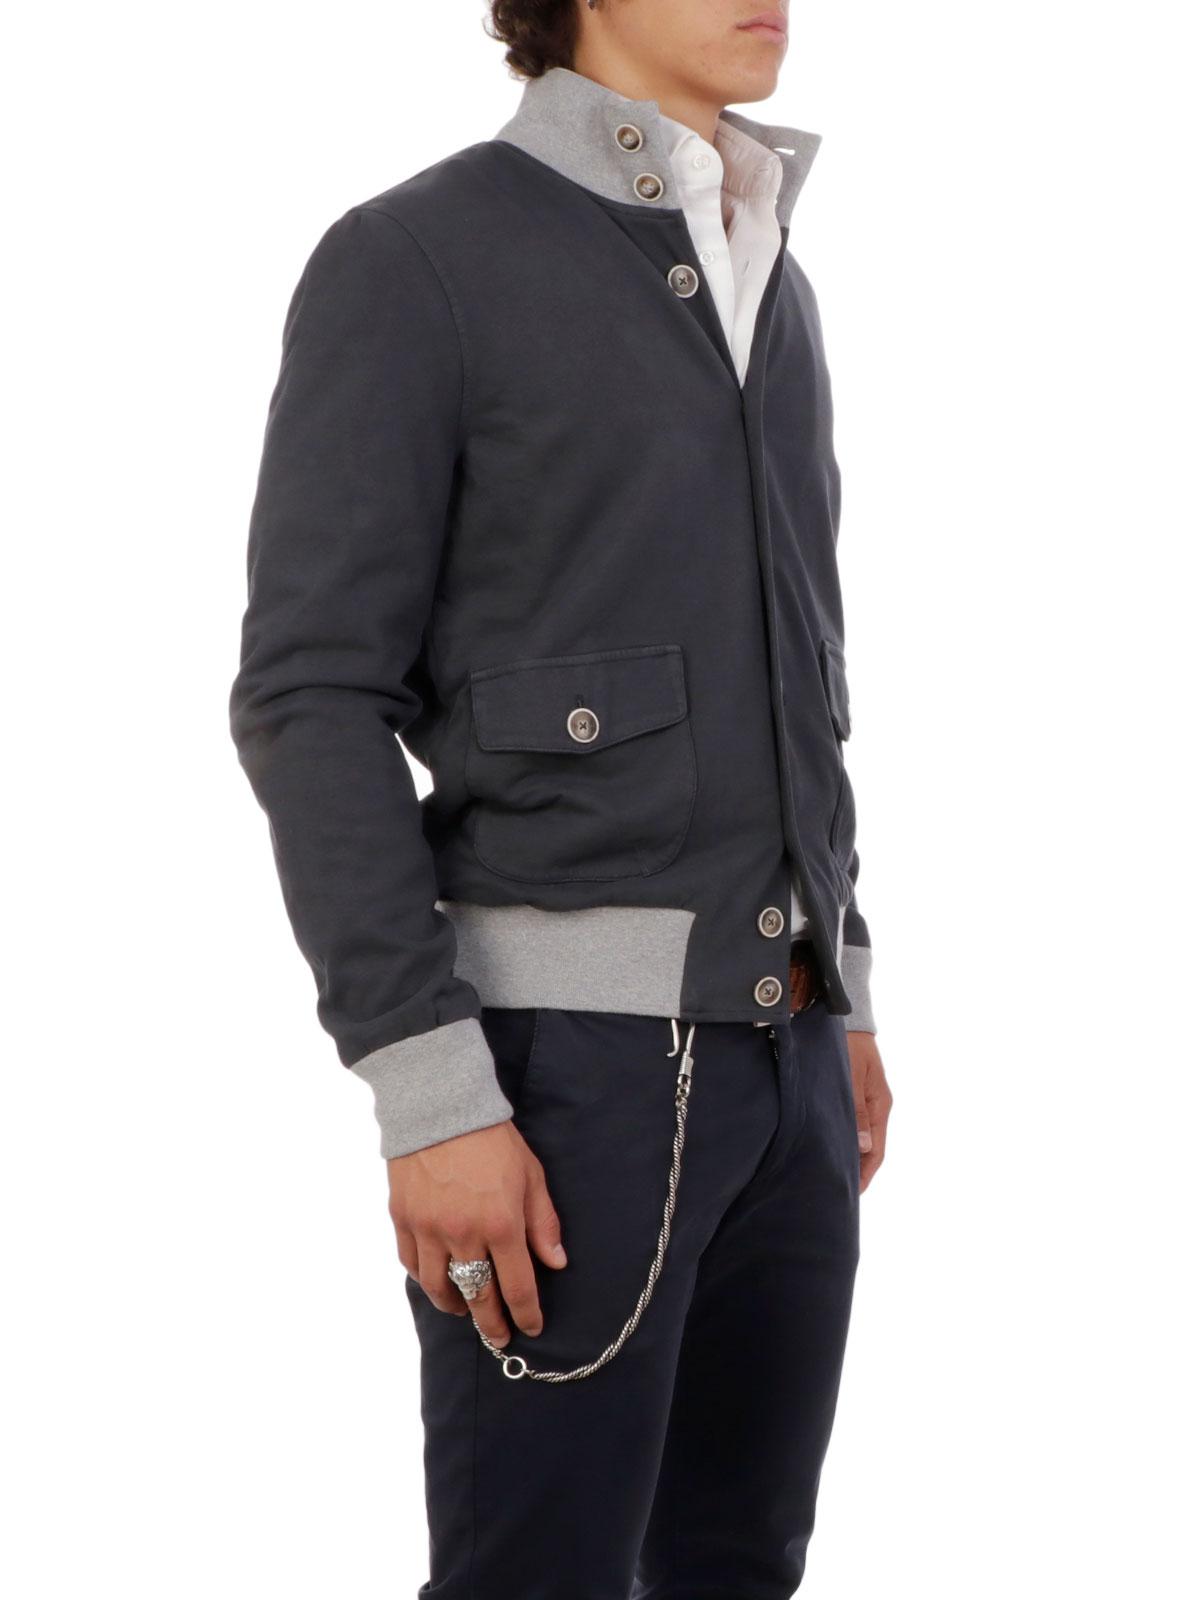 Eleganza Citare uccello  CAPOBIANCO Giubbino Uomo Cotone Ferro | E151050C | Botta & B Abbigliamento